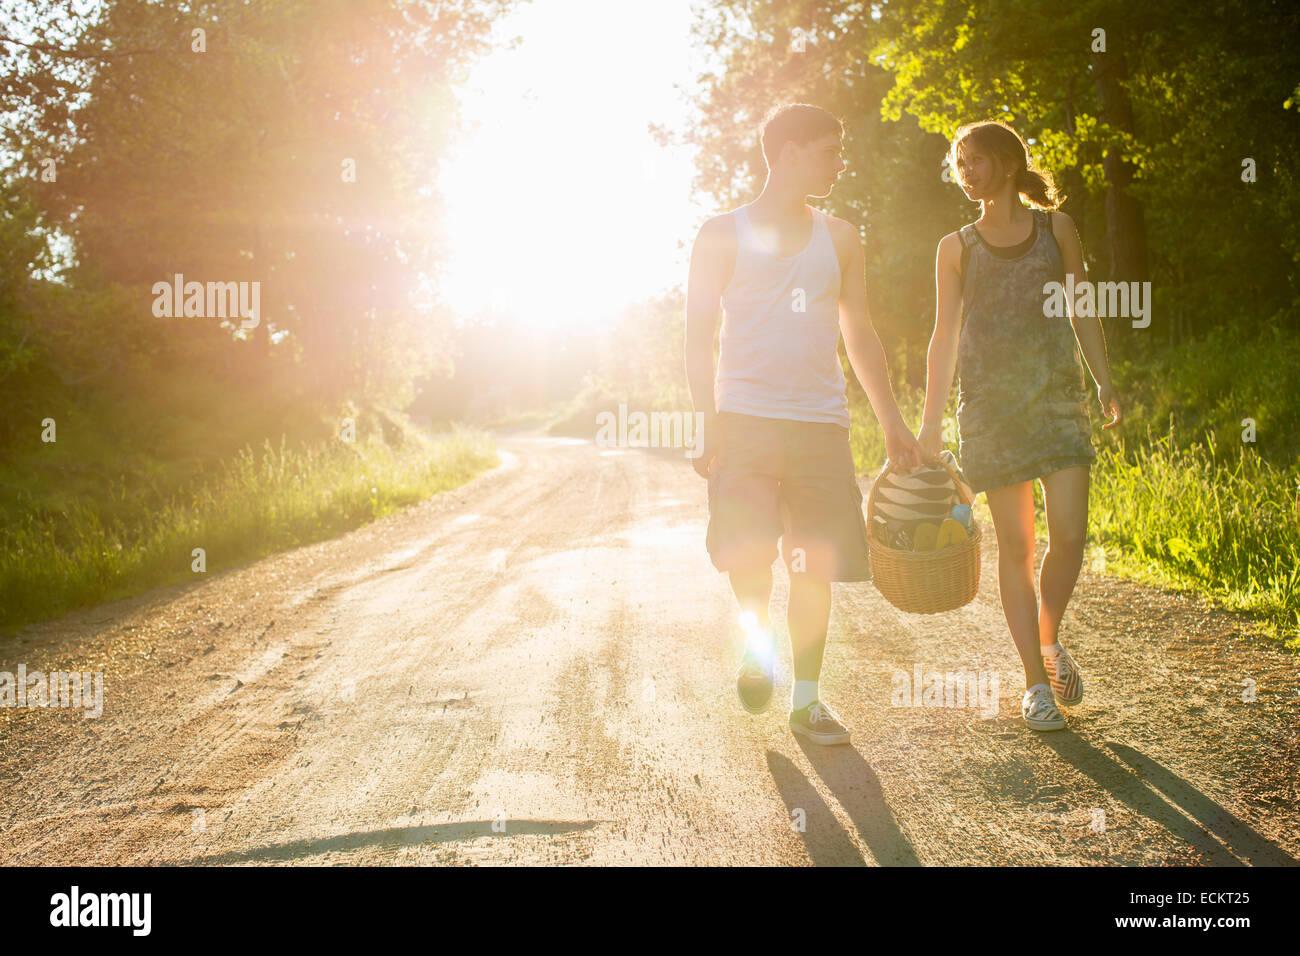 Vue avant sur toute la longueur du couple en train de marcher sur la route de terre contre soleil éclatant Photo Stock